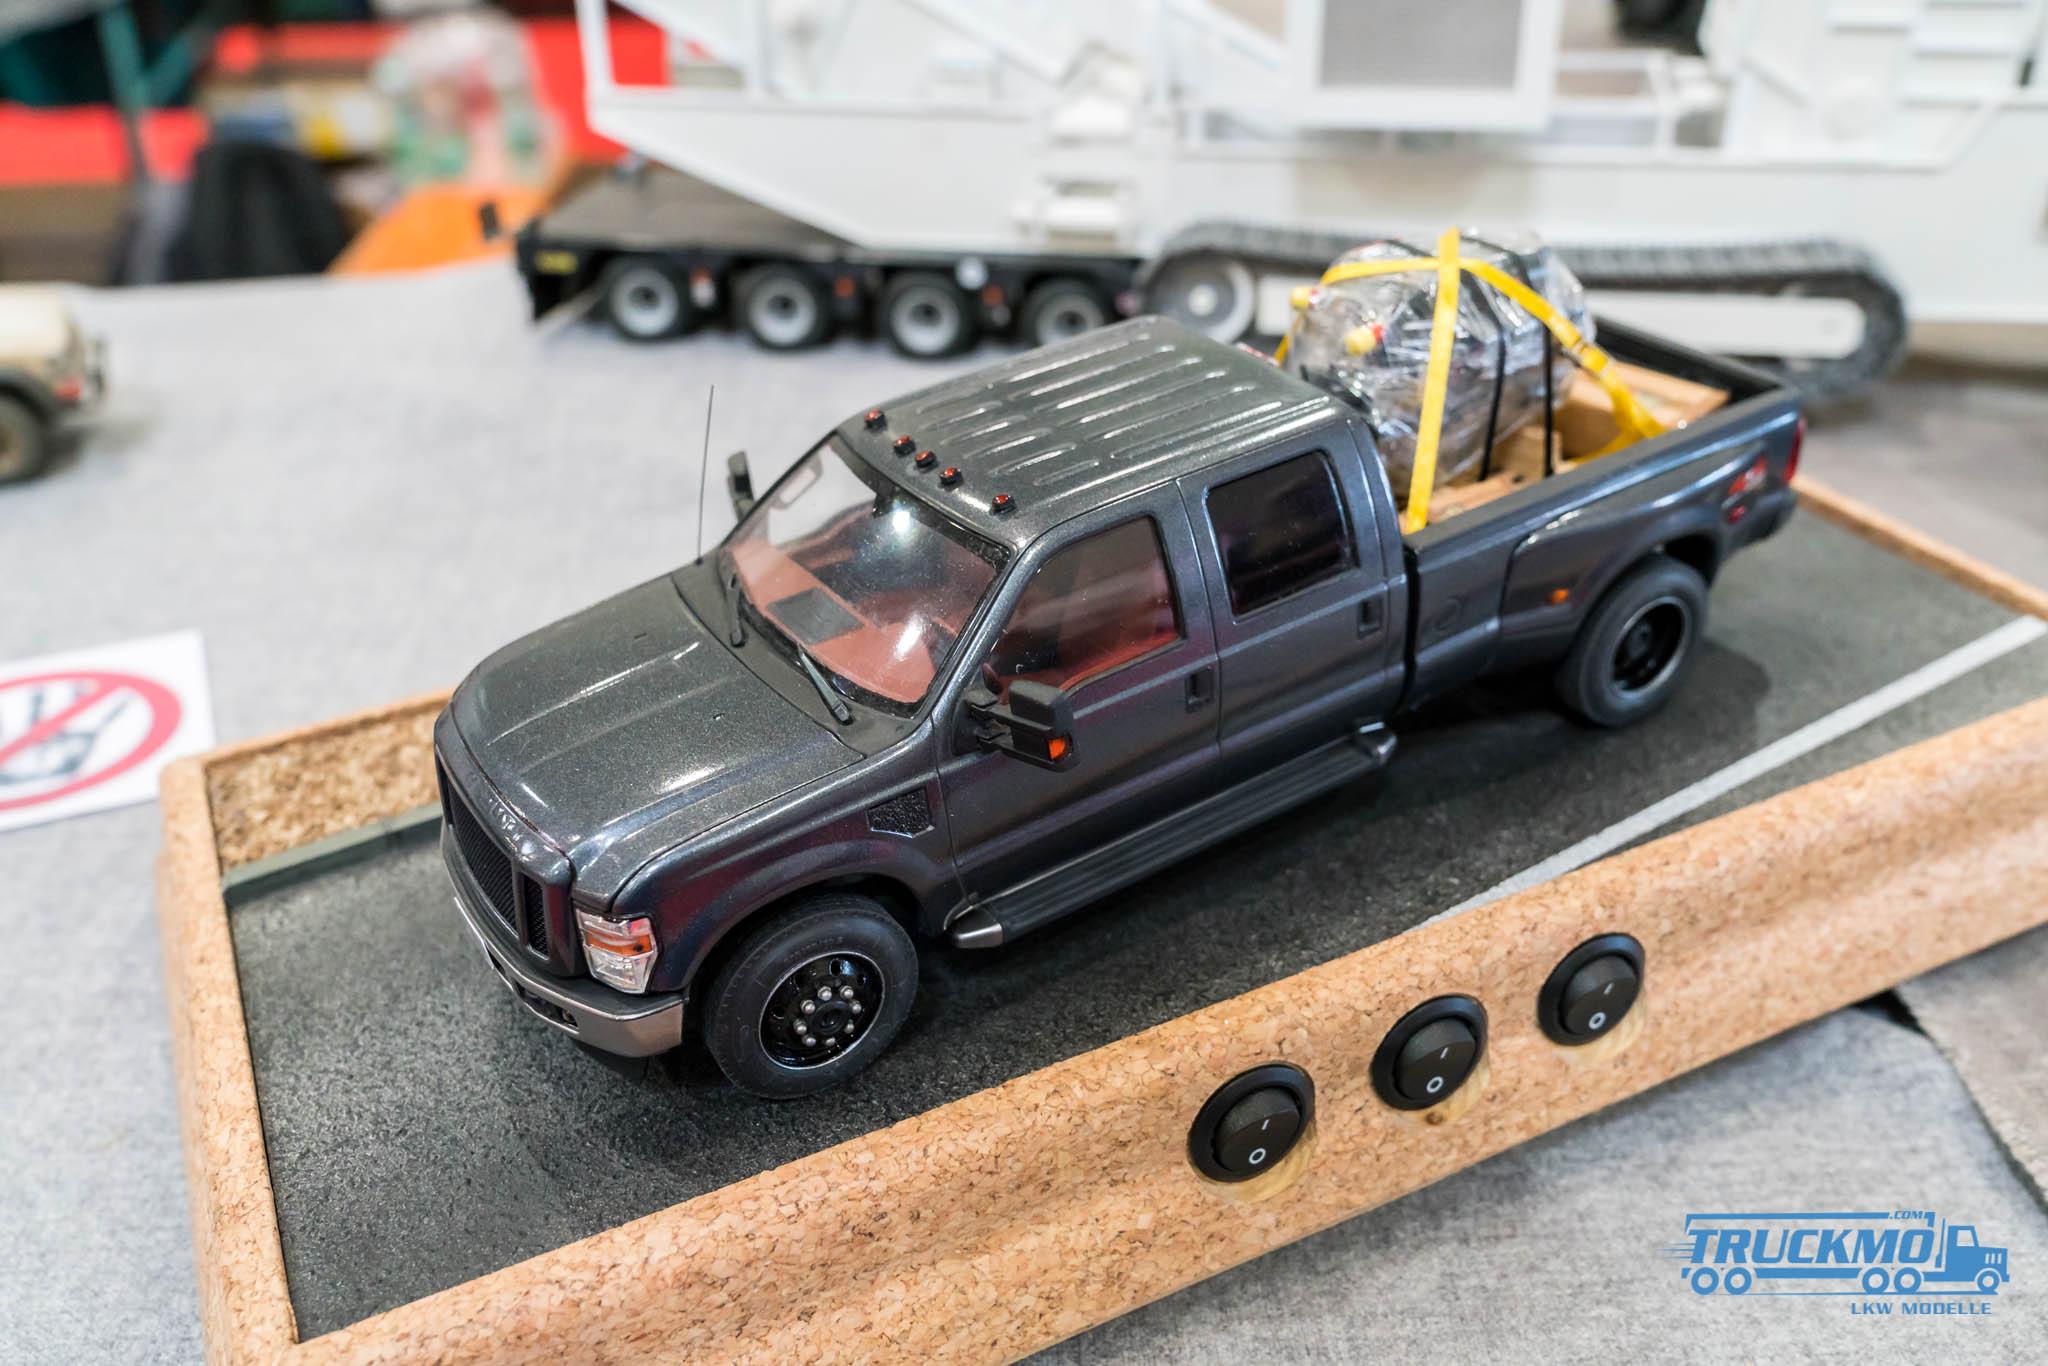 Truckmo_Modellbau_Ried_2017_Herpa_Messe_Modellbauausstellung (410 von 1177)